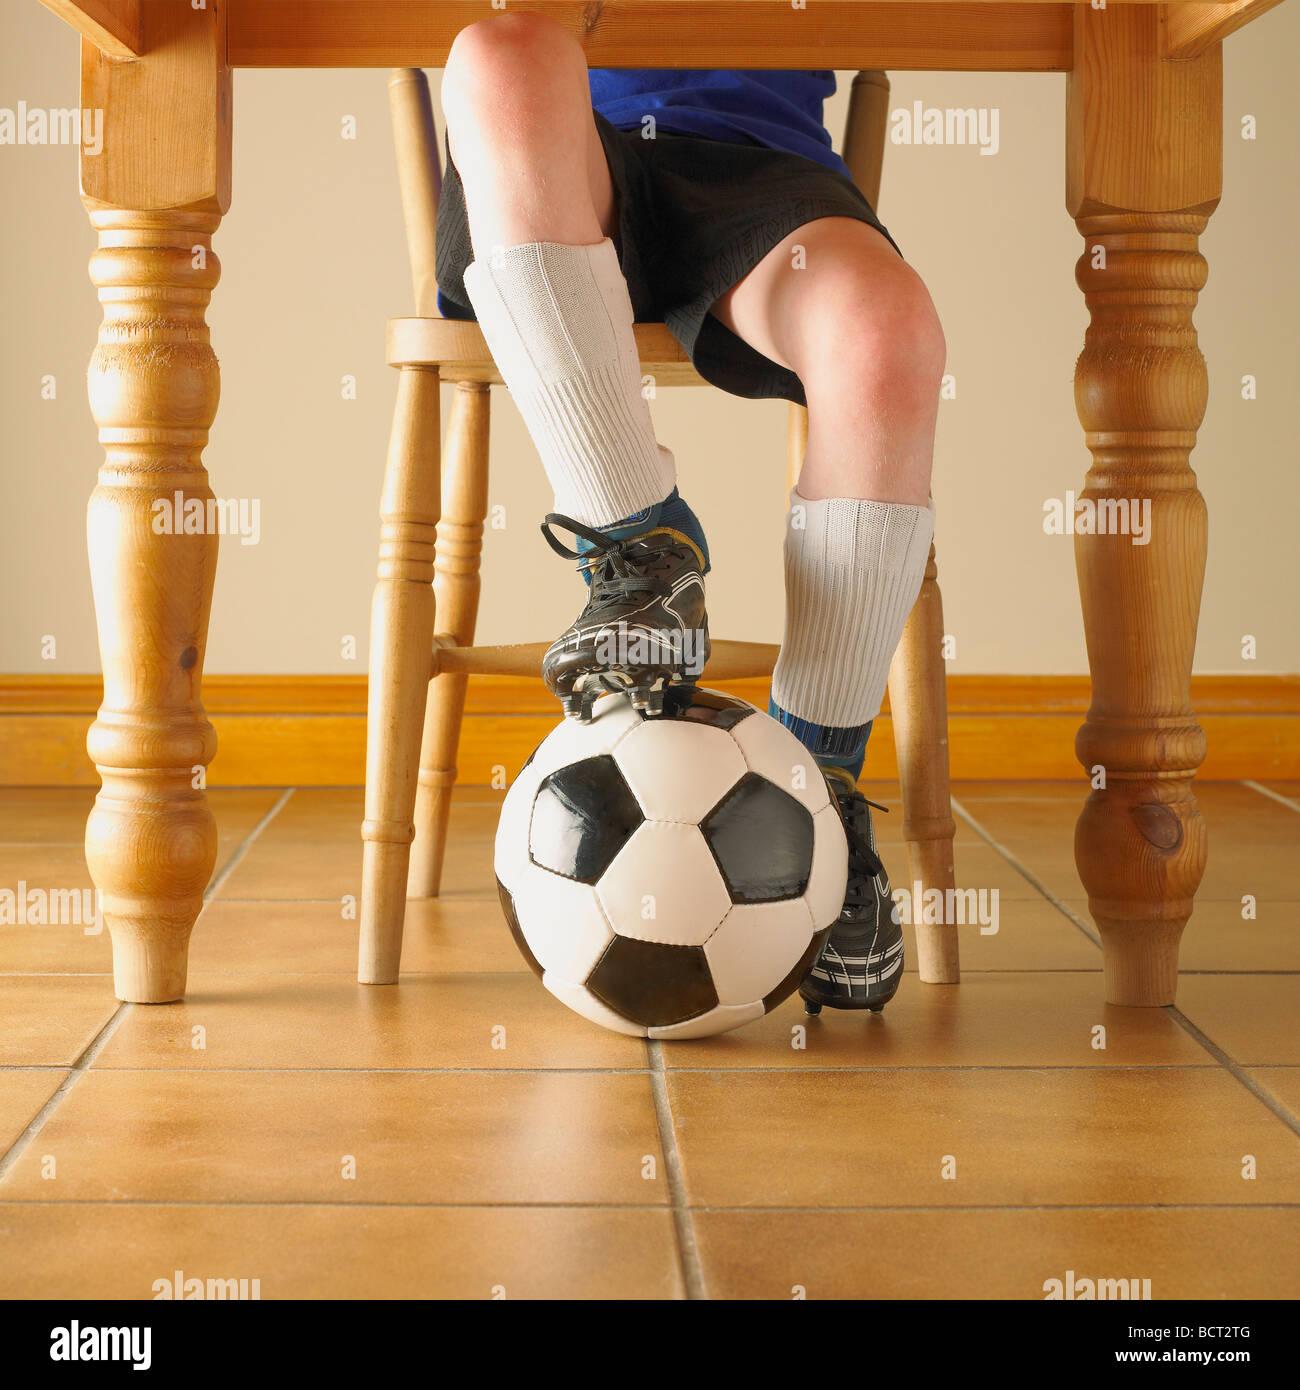 Les jeunes fanatiques de football qui aime et qui vit pour le football. Peut être fait équipe avec image Photo Stock